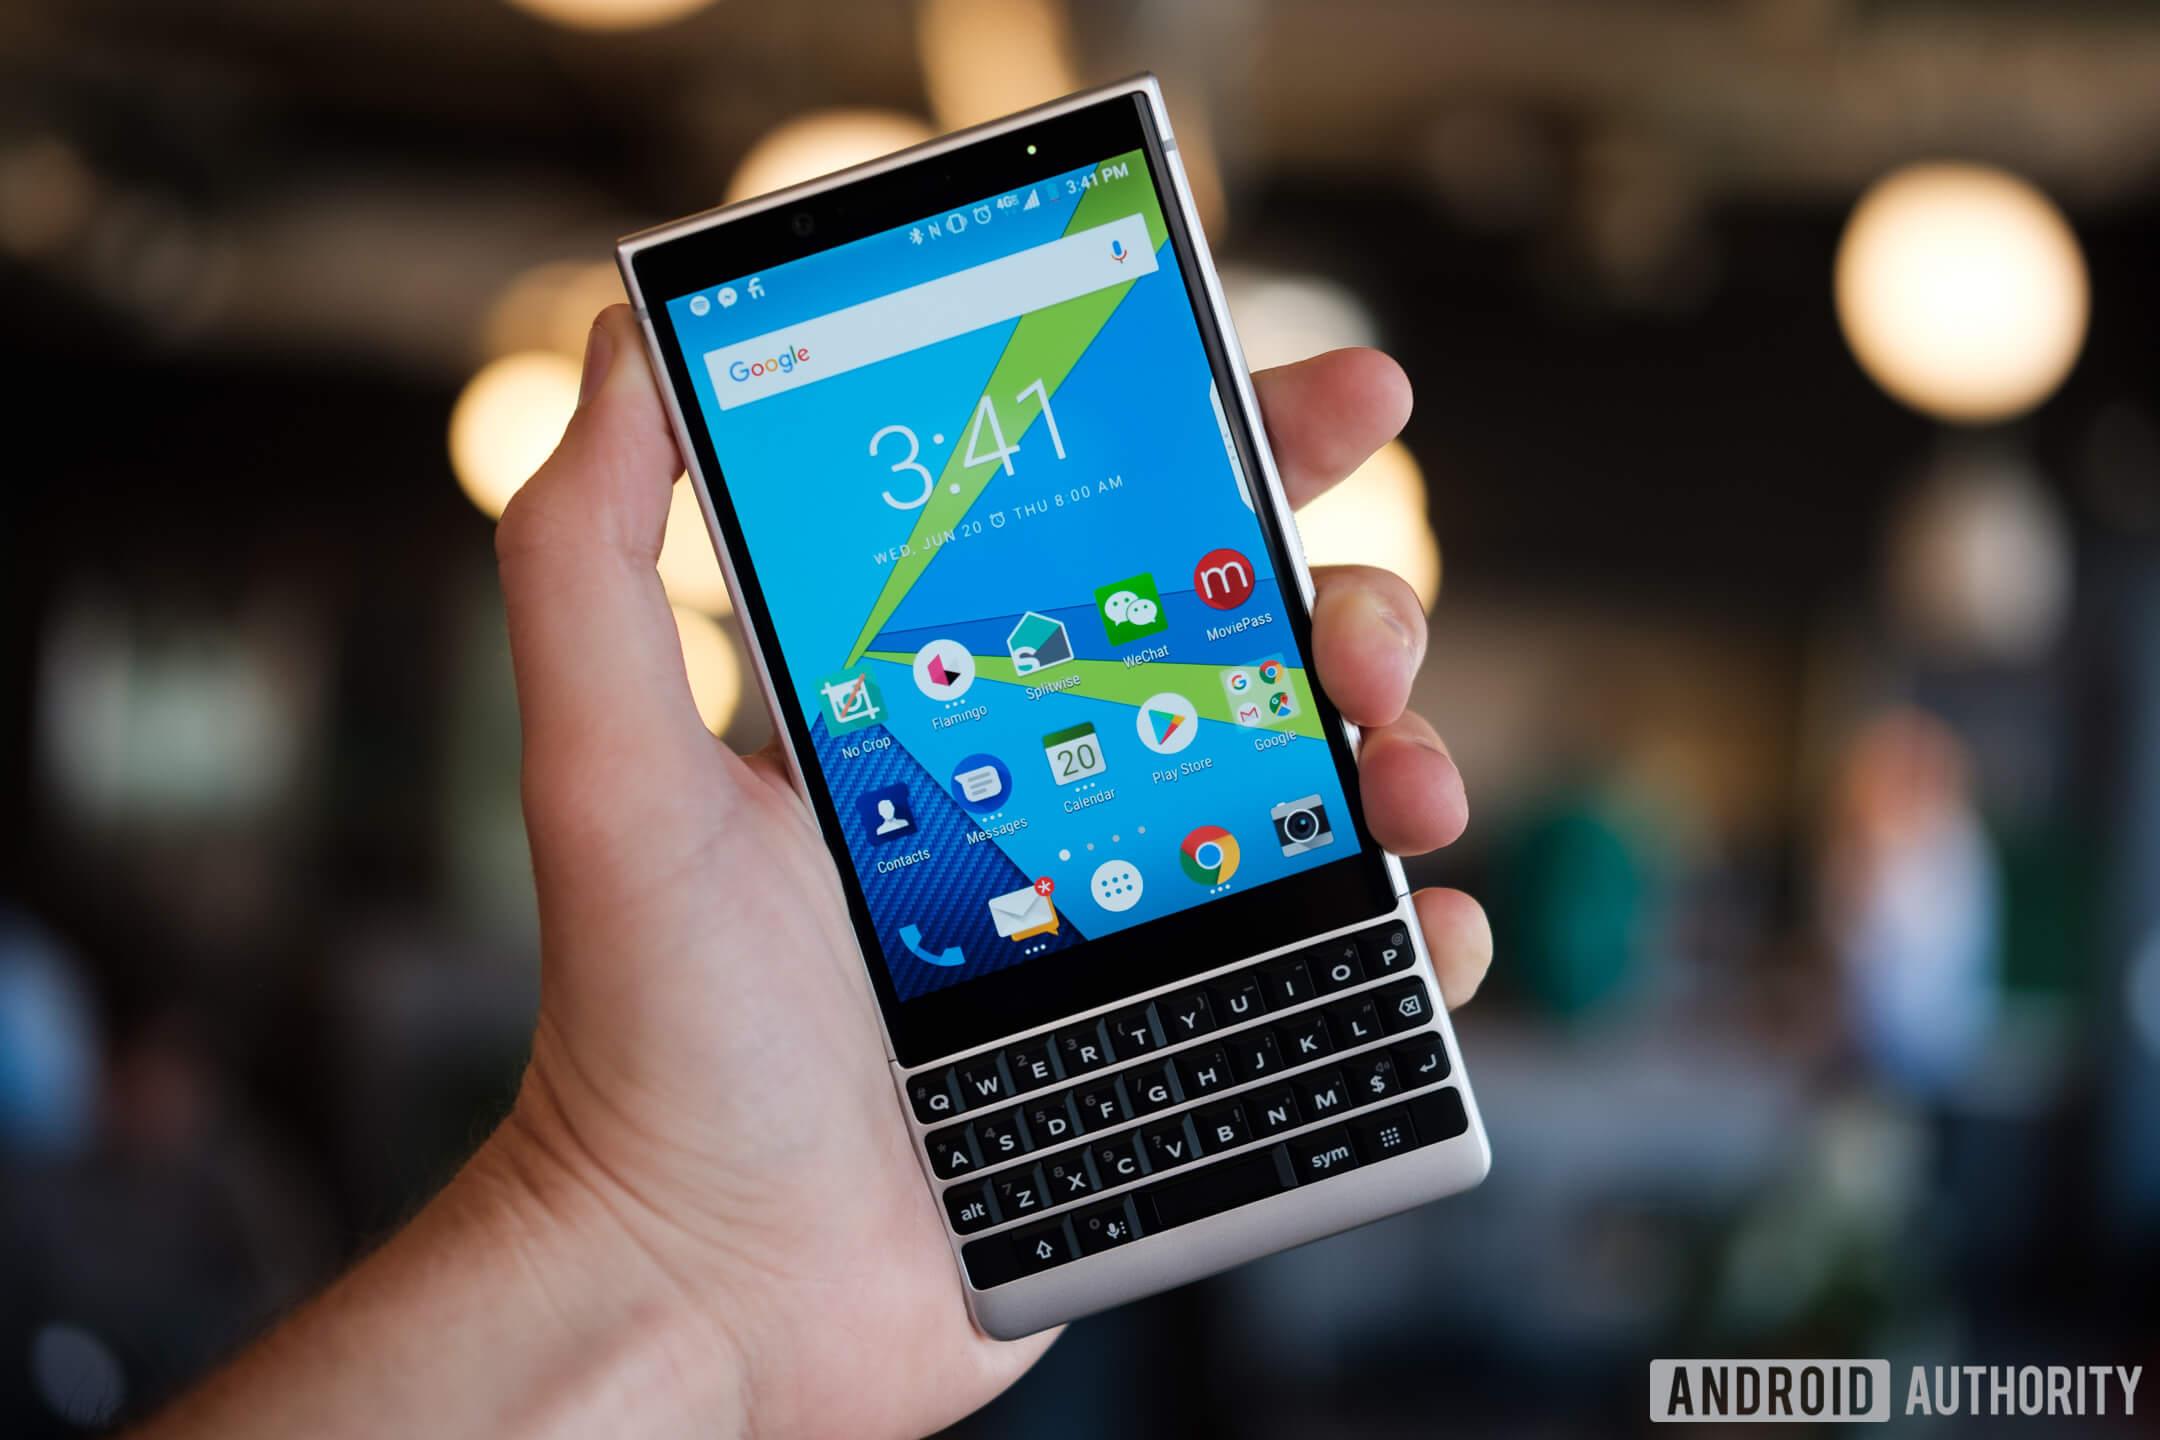 Телефоны под брендом BlackBerry больше не будут производиться TCL